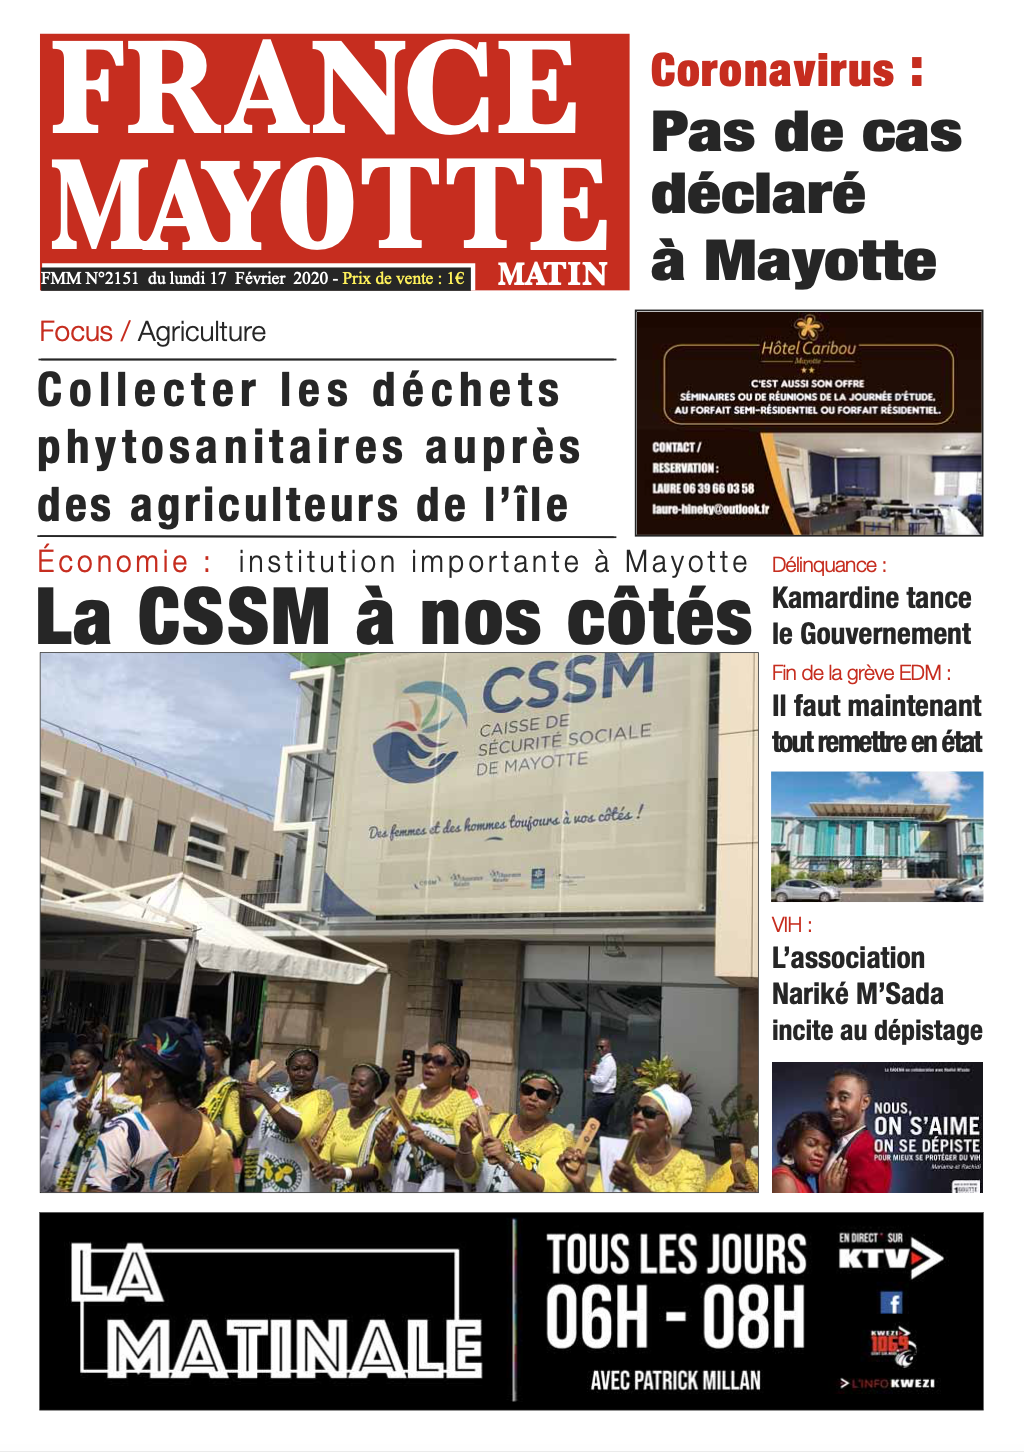 France Mayotte Lundi 17 février 2020